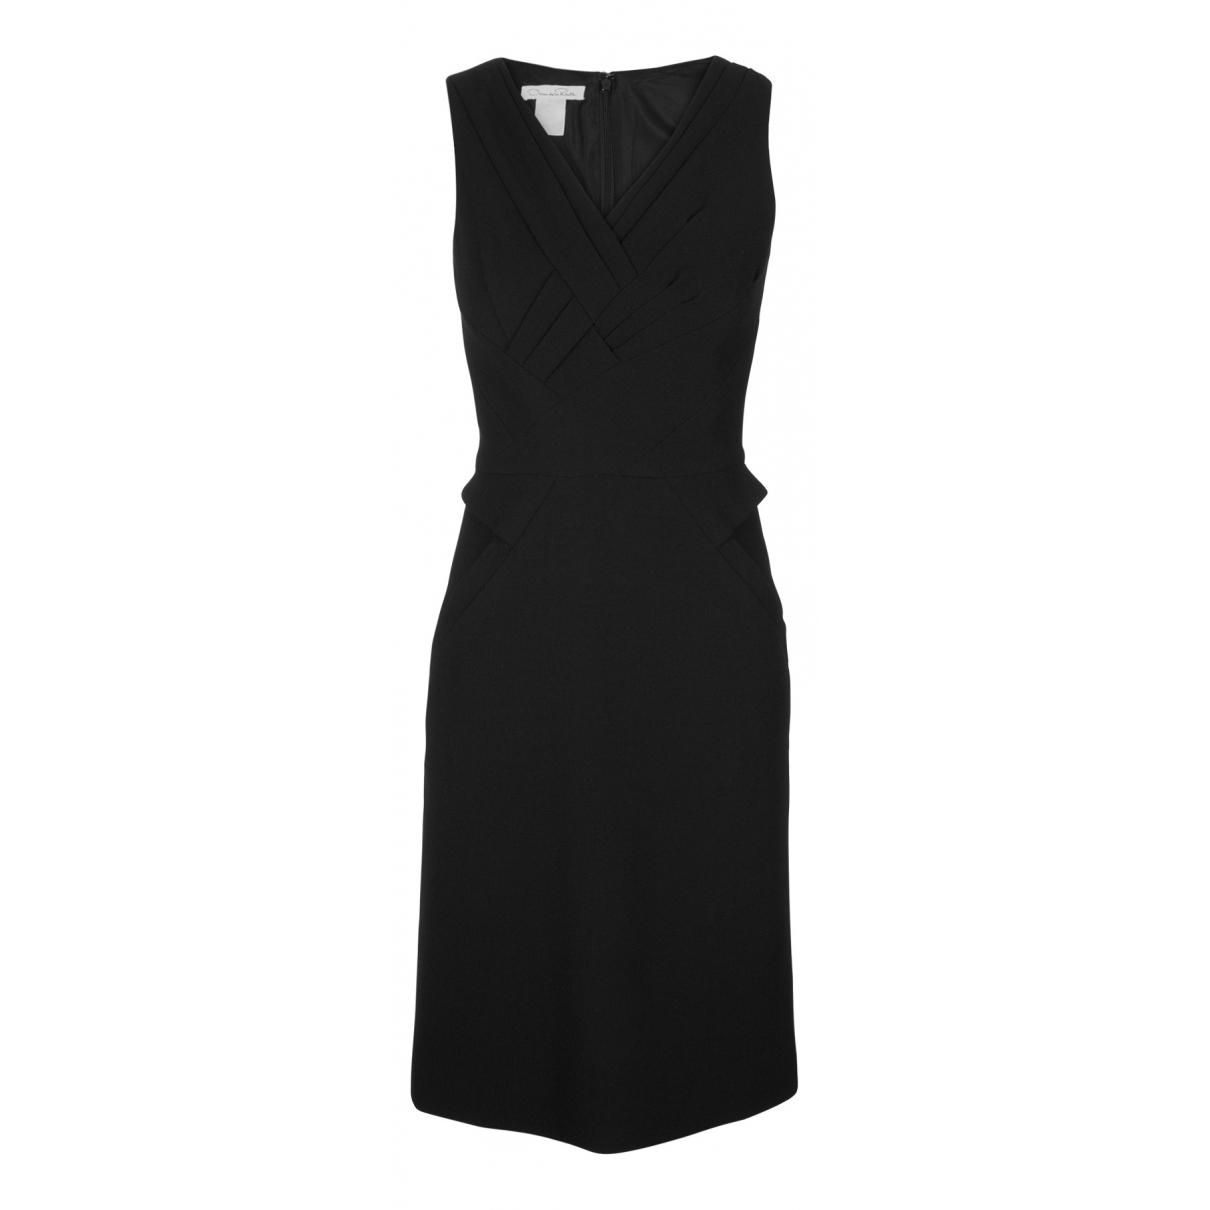 Oscar De La Renta N Black Wool dress for Women 4 UK